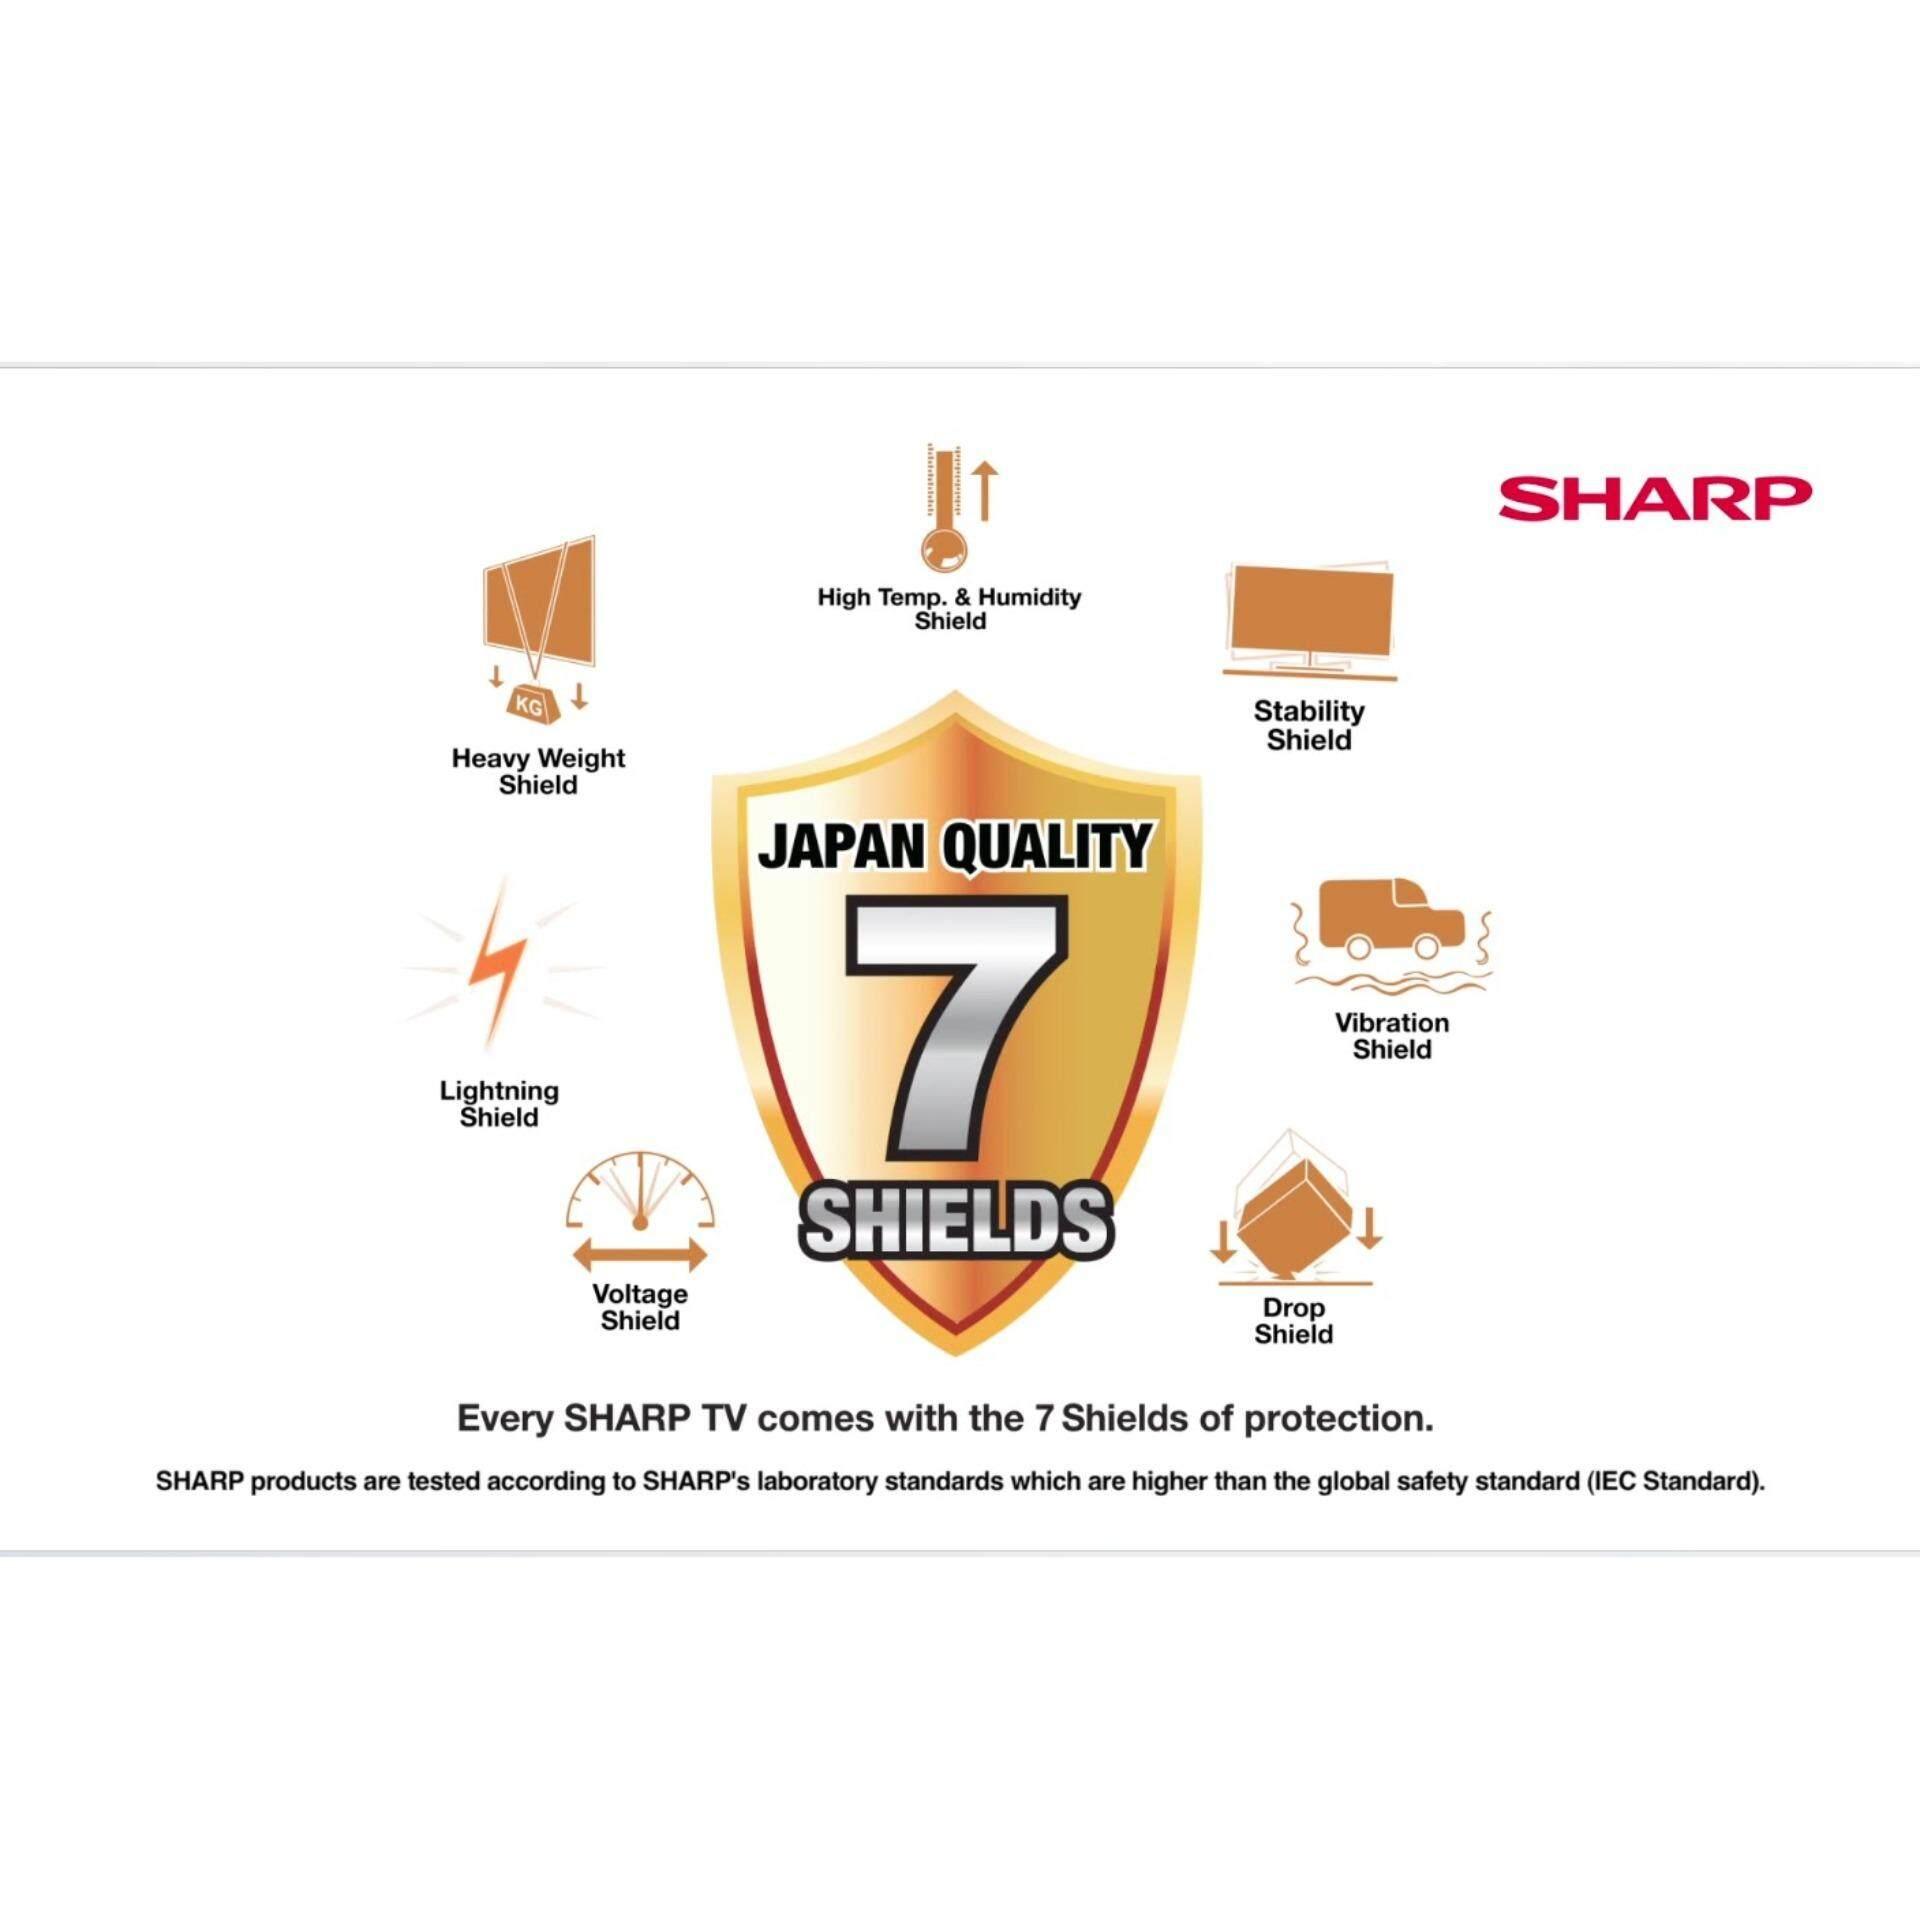 เทียบราคา SHARP HD LED TV ขนาด 32 นิ้ว รุ่น LC-32LE180M (BLACK